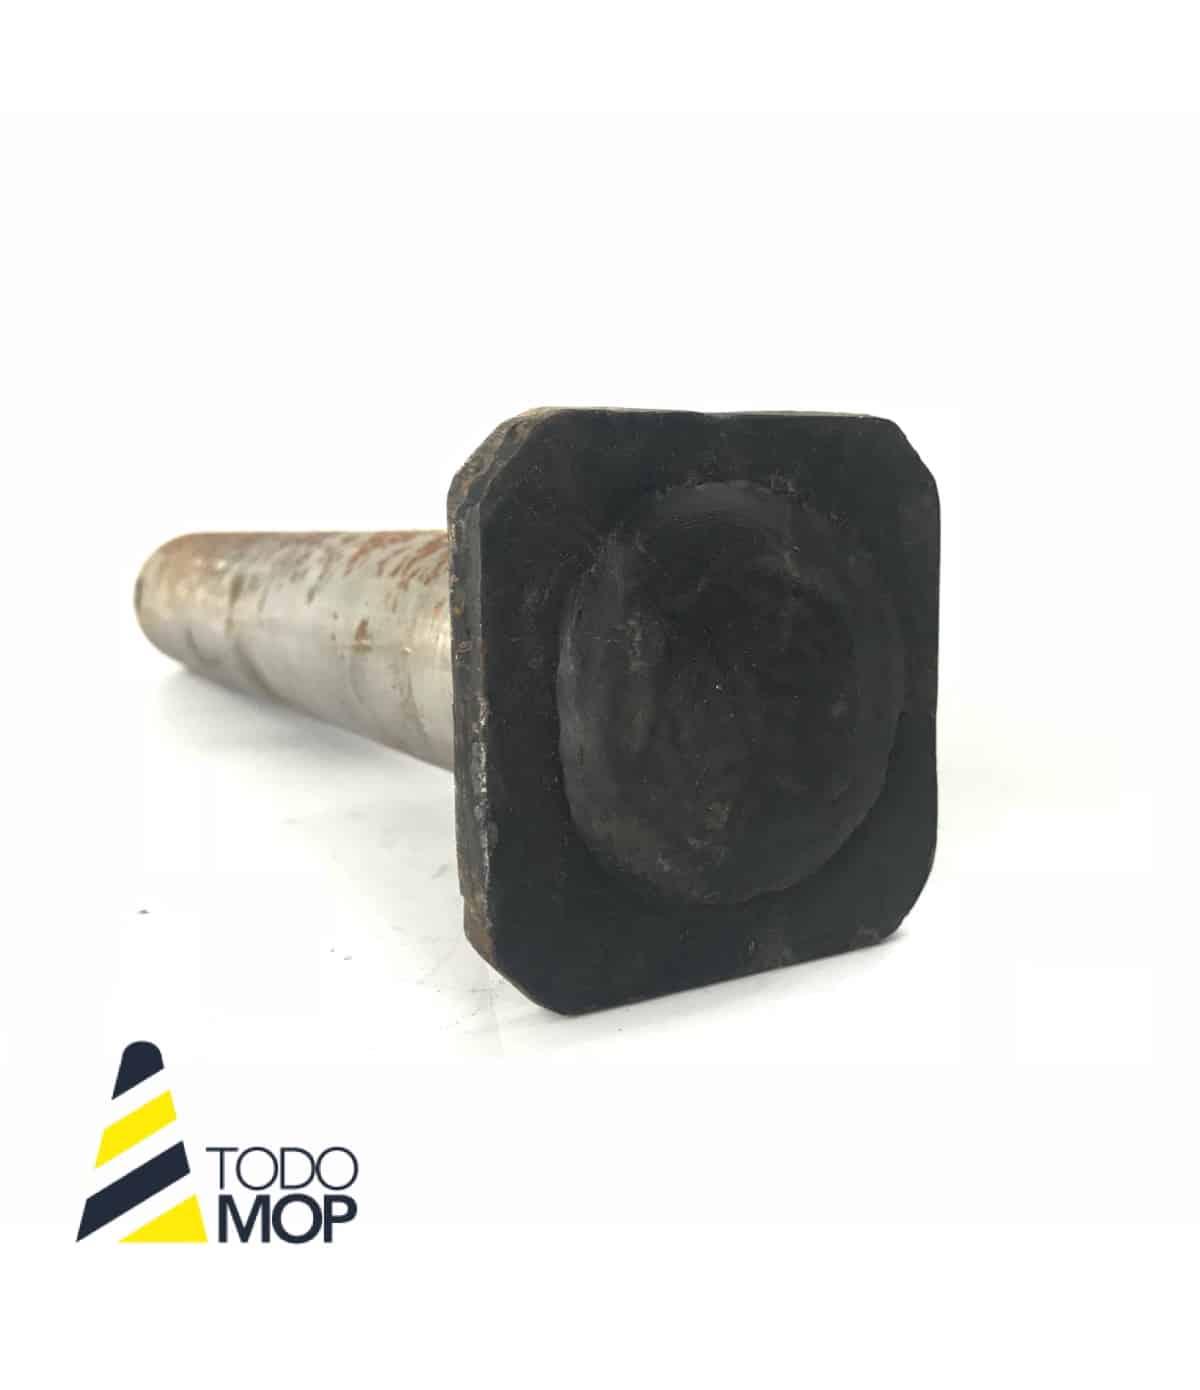 Búfalo 811 Reemplazo Asiento De Tela Superior Telehandler Cargadora Excavadora Manitou Terex